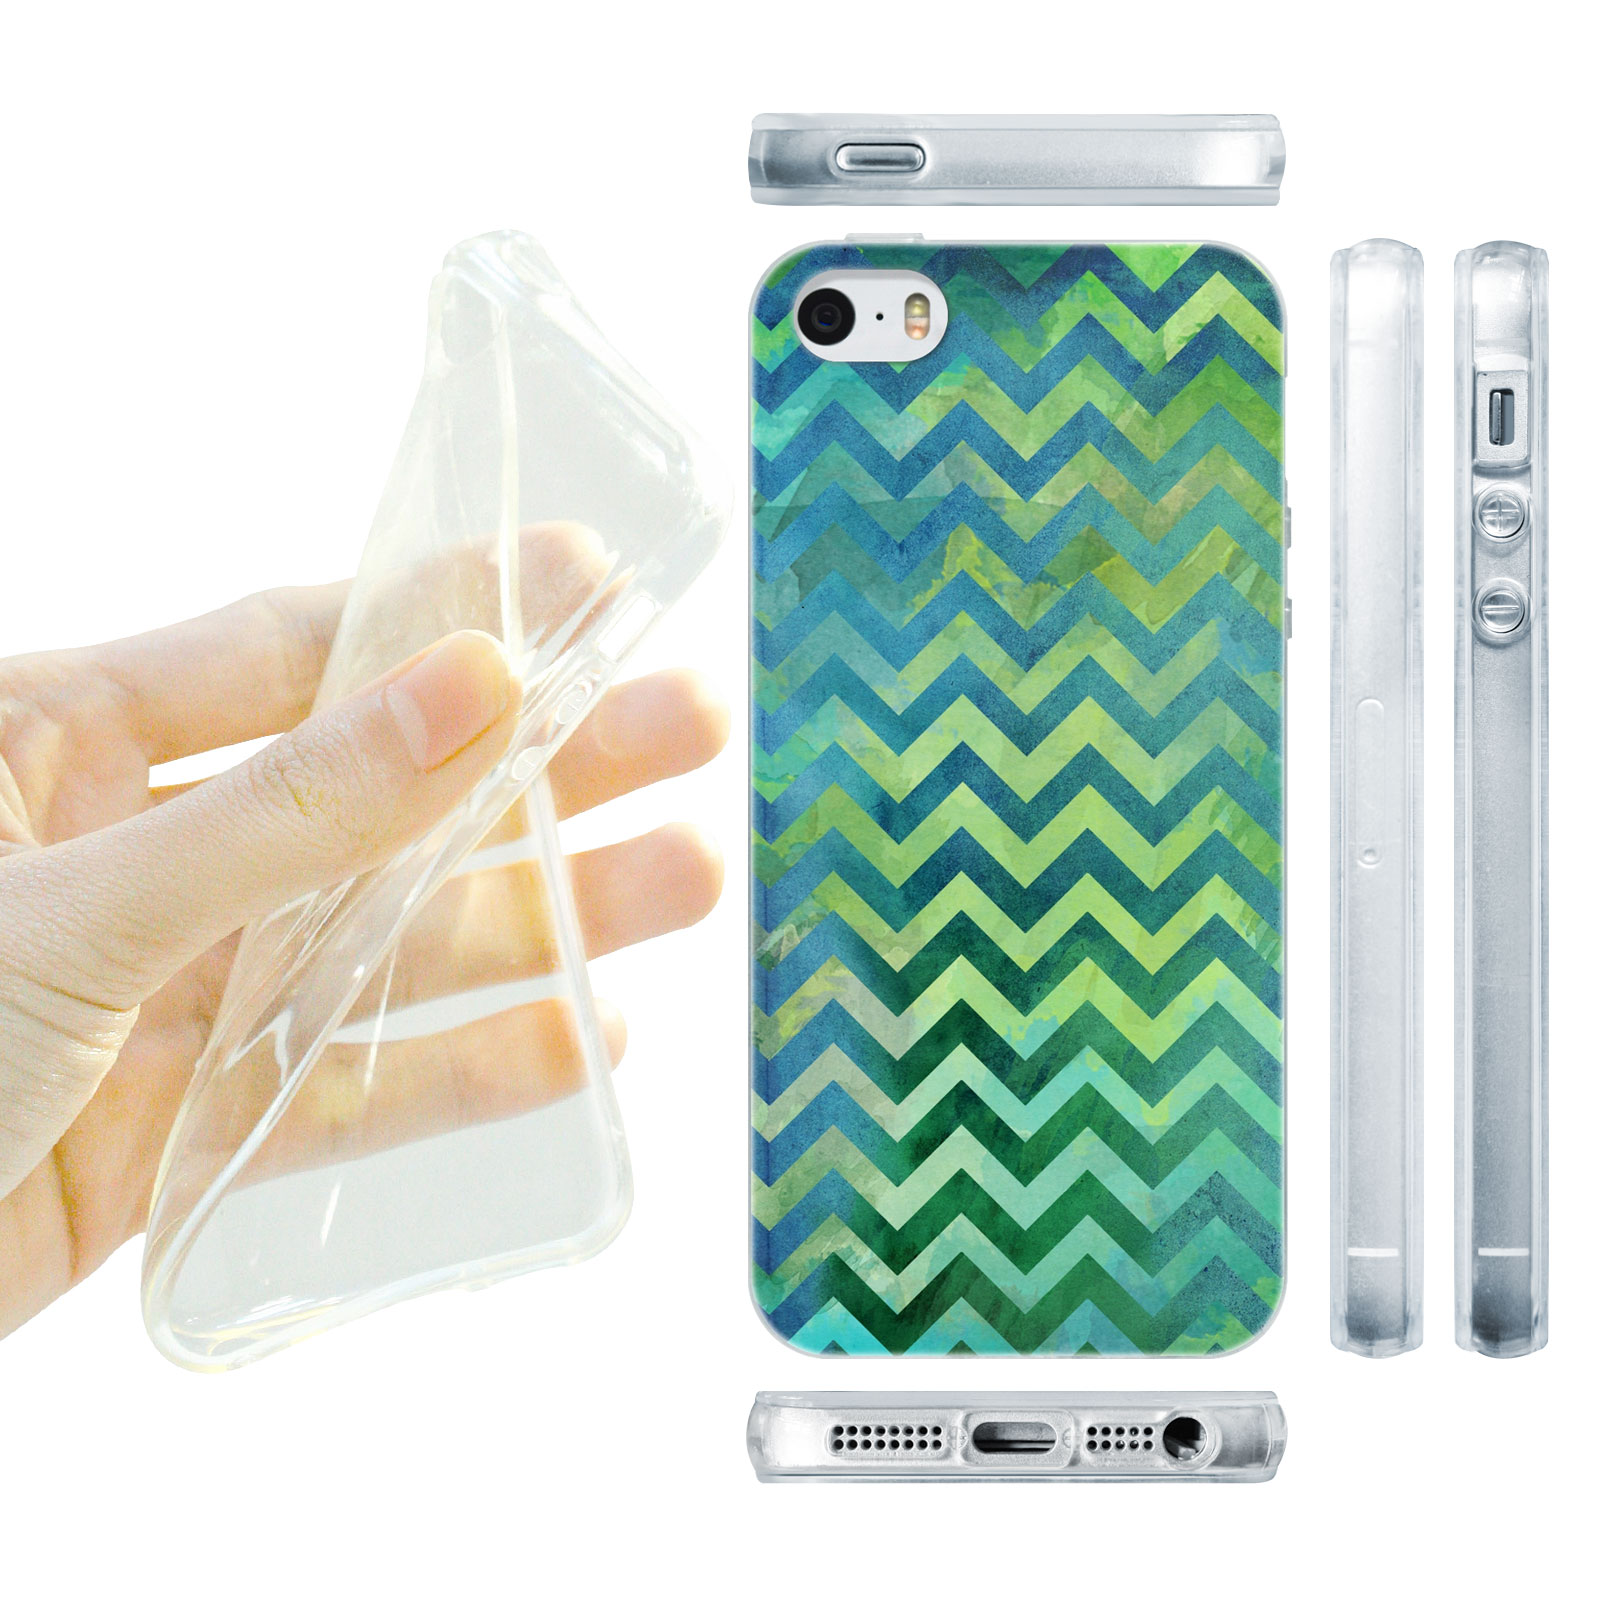 HEAD CASE silikonový obal na mobil Iphone 5/5S proužky zelená barva